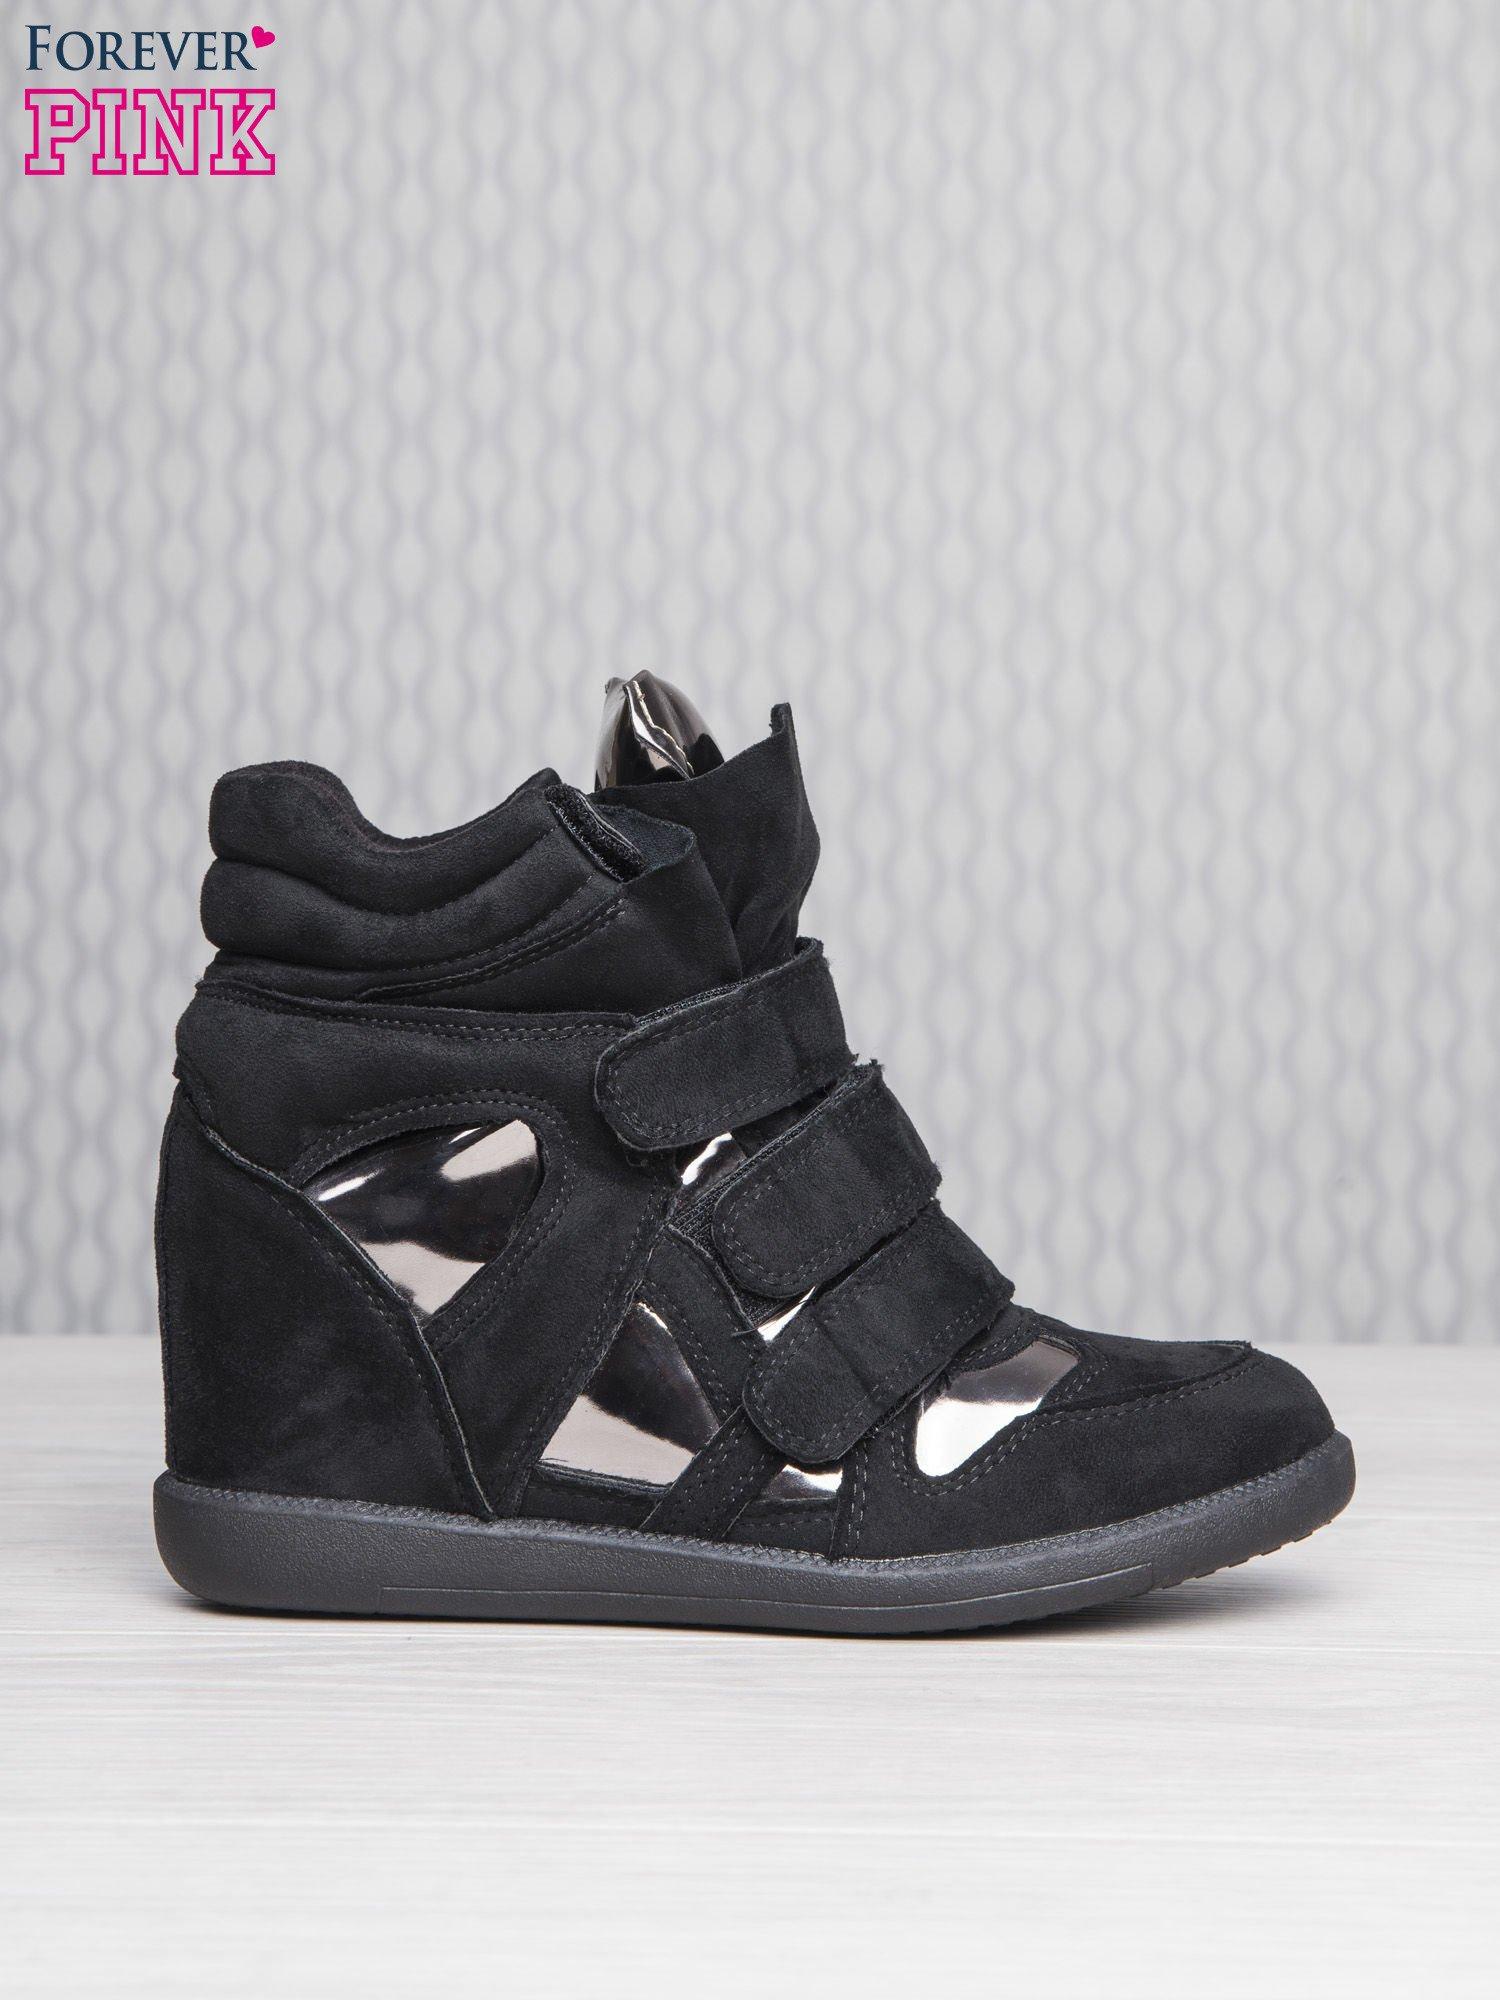 Czarne zamszowe sneakersy damskie na rzepy Verity z lustrzanymi wstawkami                                  zdj.                                  2